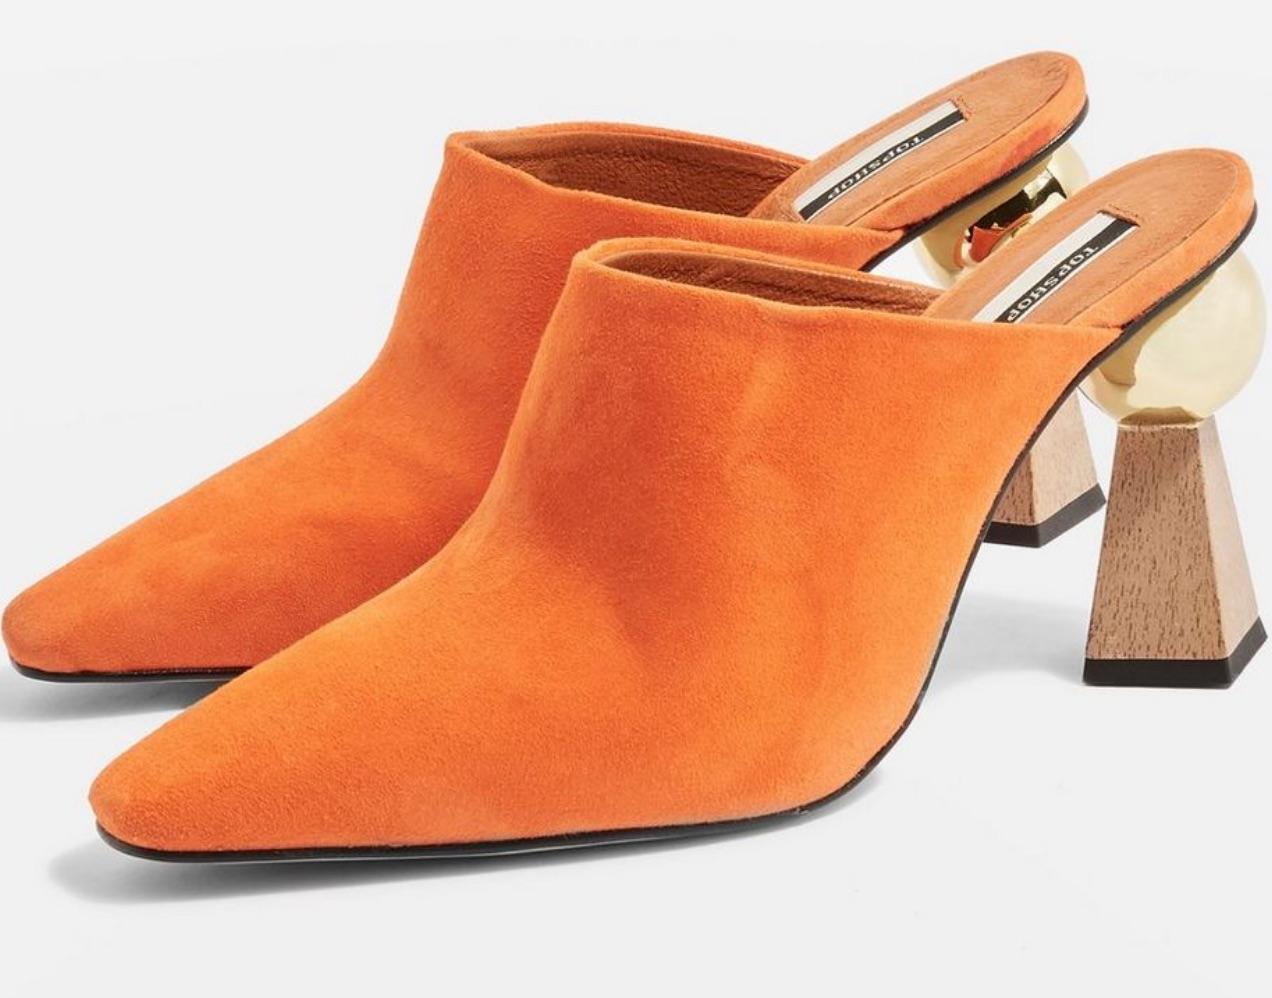 Topshop Pointed Toe Sculptural Heel Orange Mules